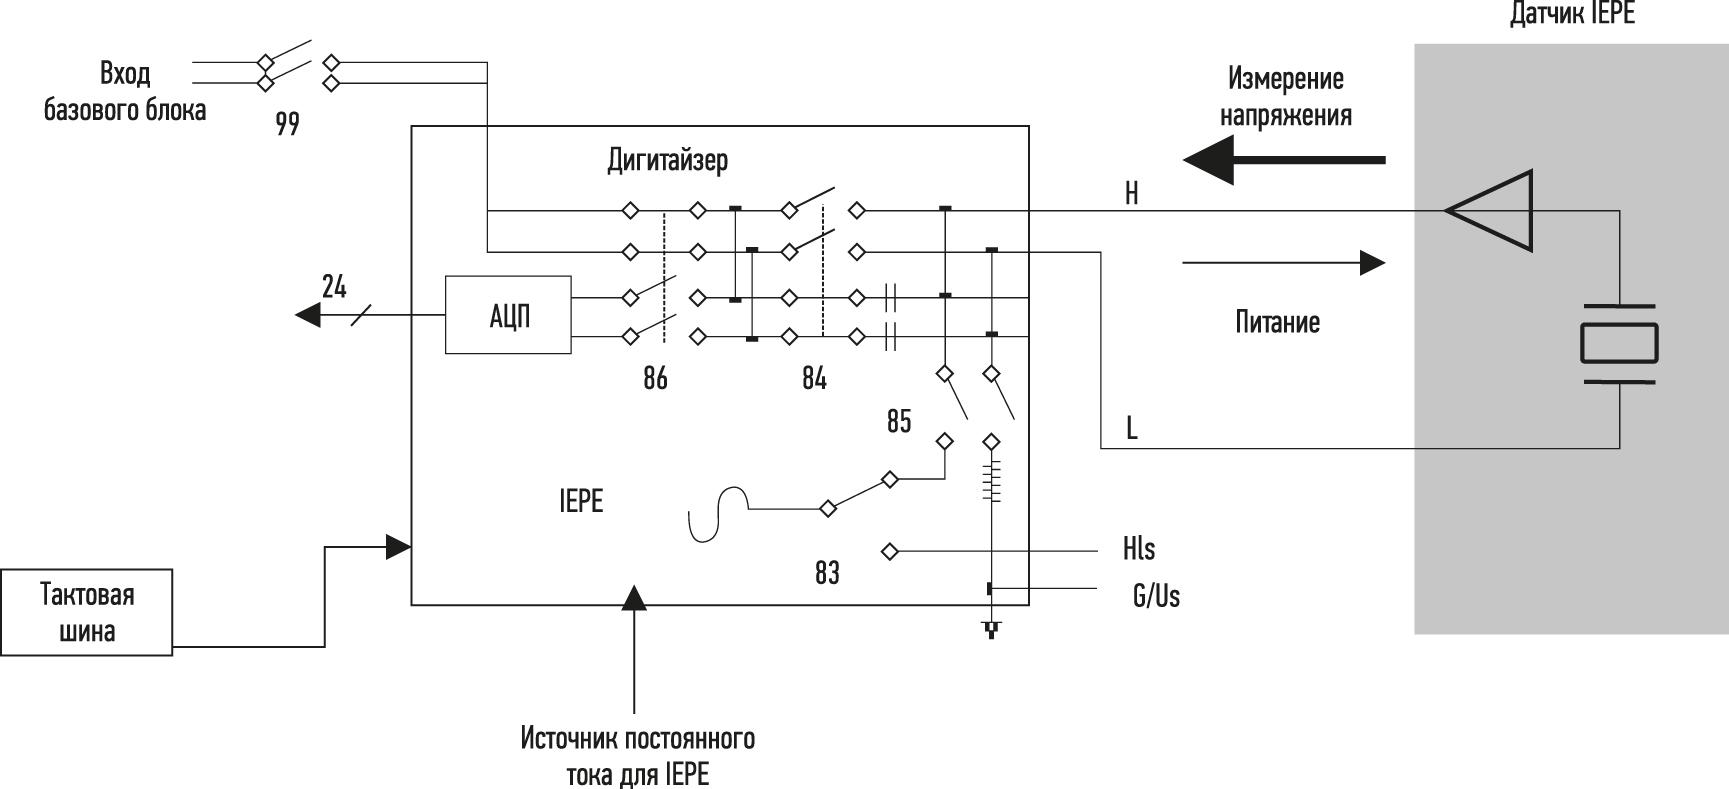 Упрощенная принципиальная схема подключения модуля дигитайзера DAQM909A к IEPE-акселерометру (один канал)